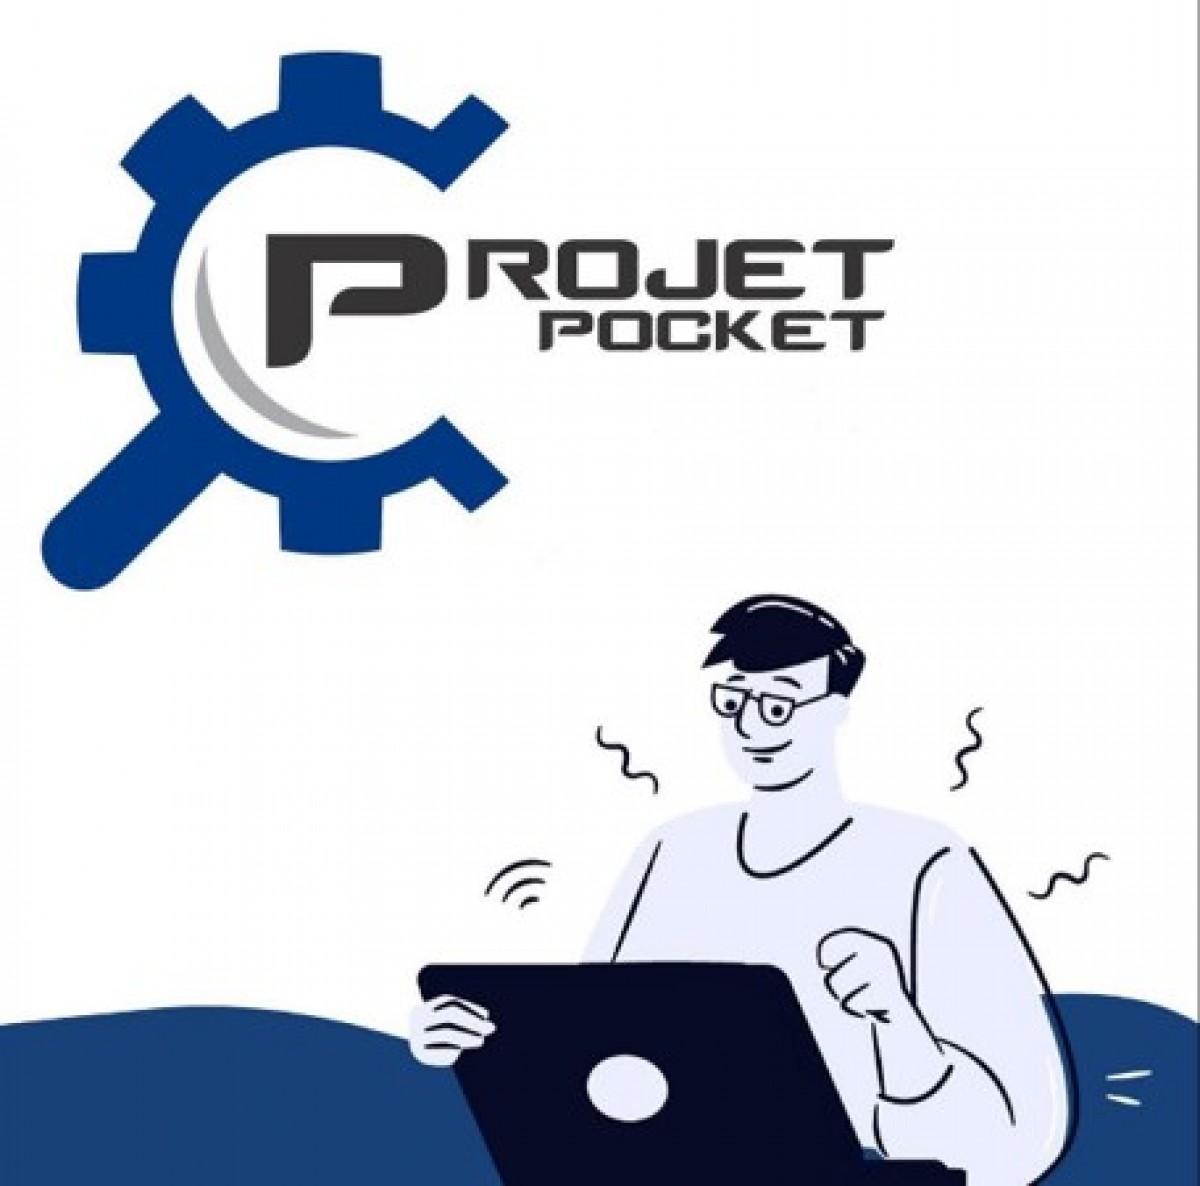 Projet Pocket desenvolve projetos estratégicos e acessíveis ao cliente (Foto: Divulgação)